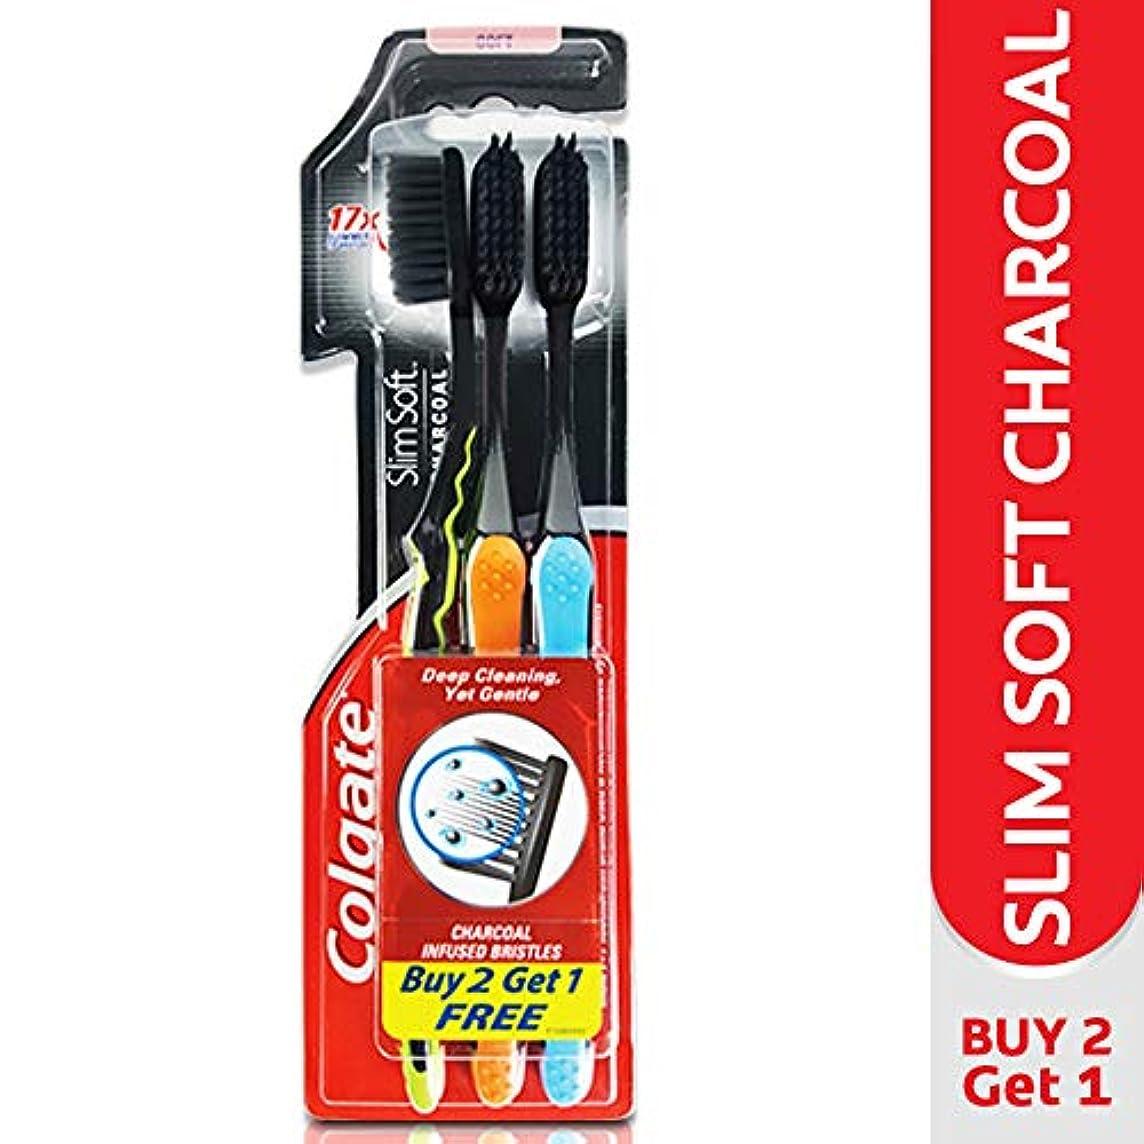 脚衝突コース信仰Colgate Slim Soft Charcoal Toothbrush (Pack of 3) 17x Slimmer Soft Tip Bristles (Ship From India)